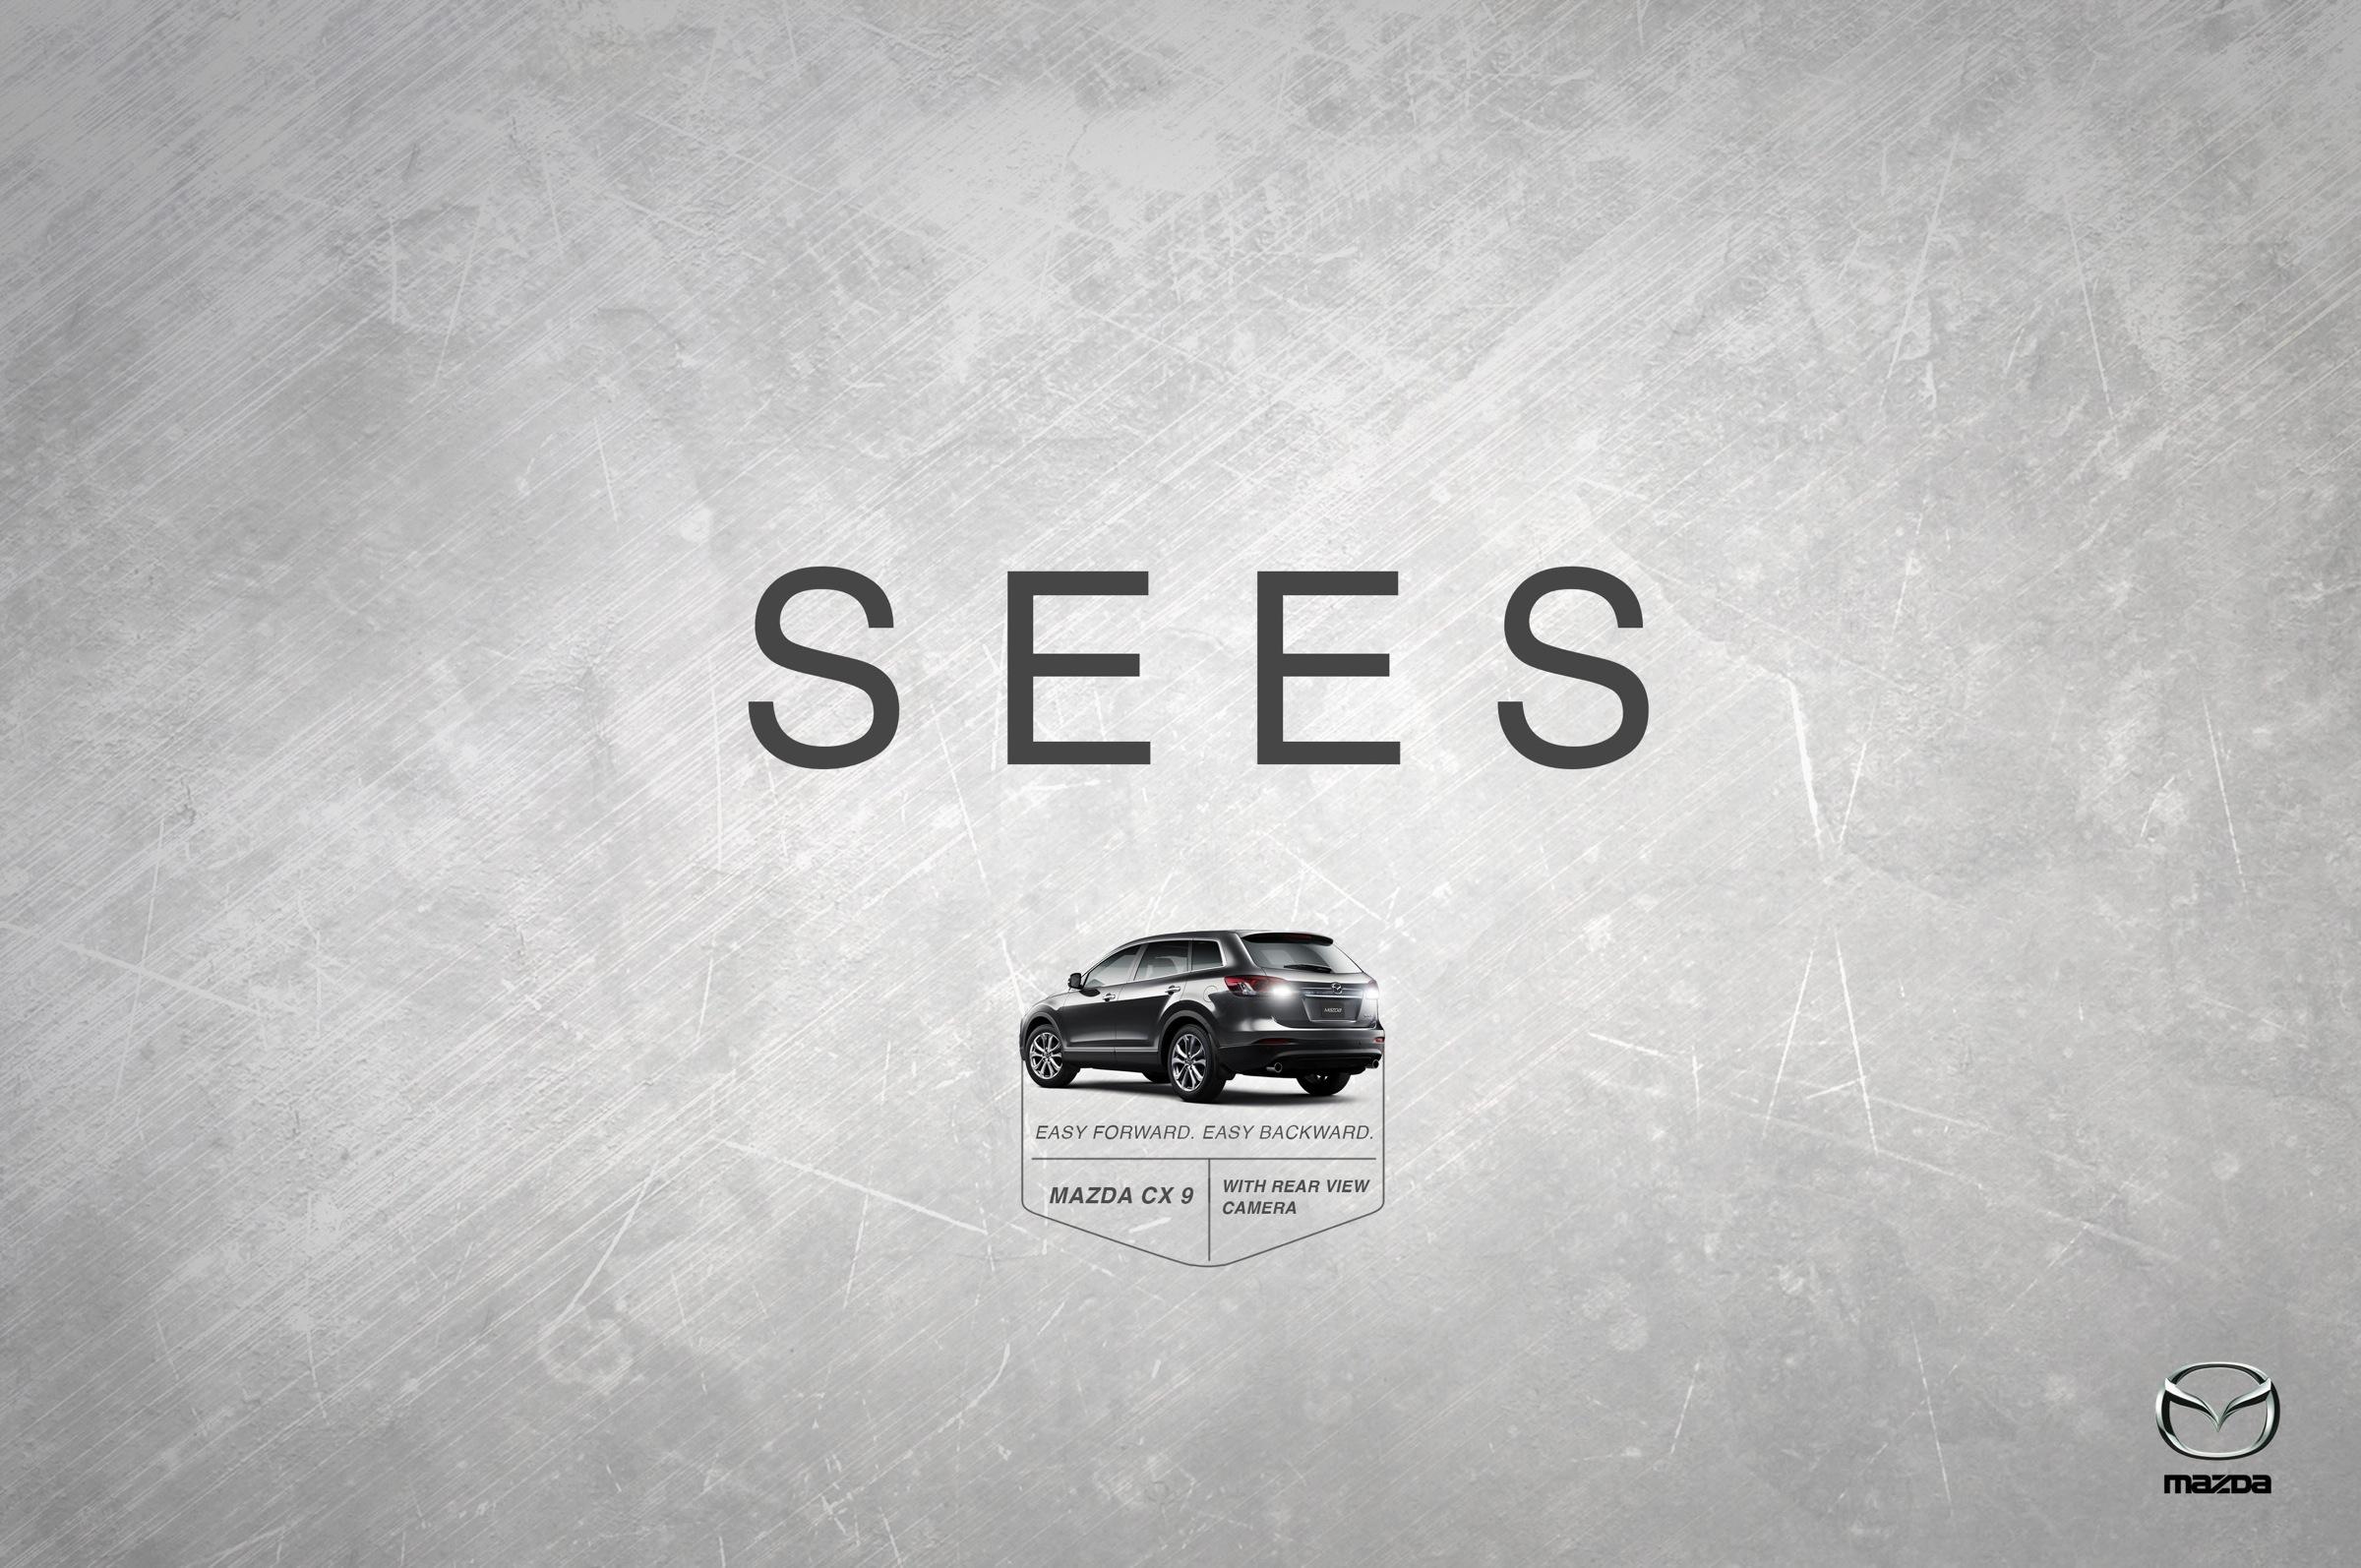 Mazda Minimalist Ad